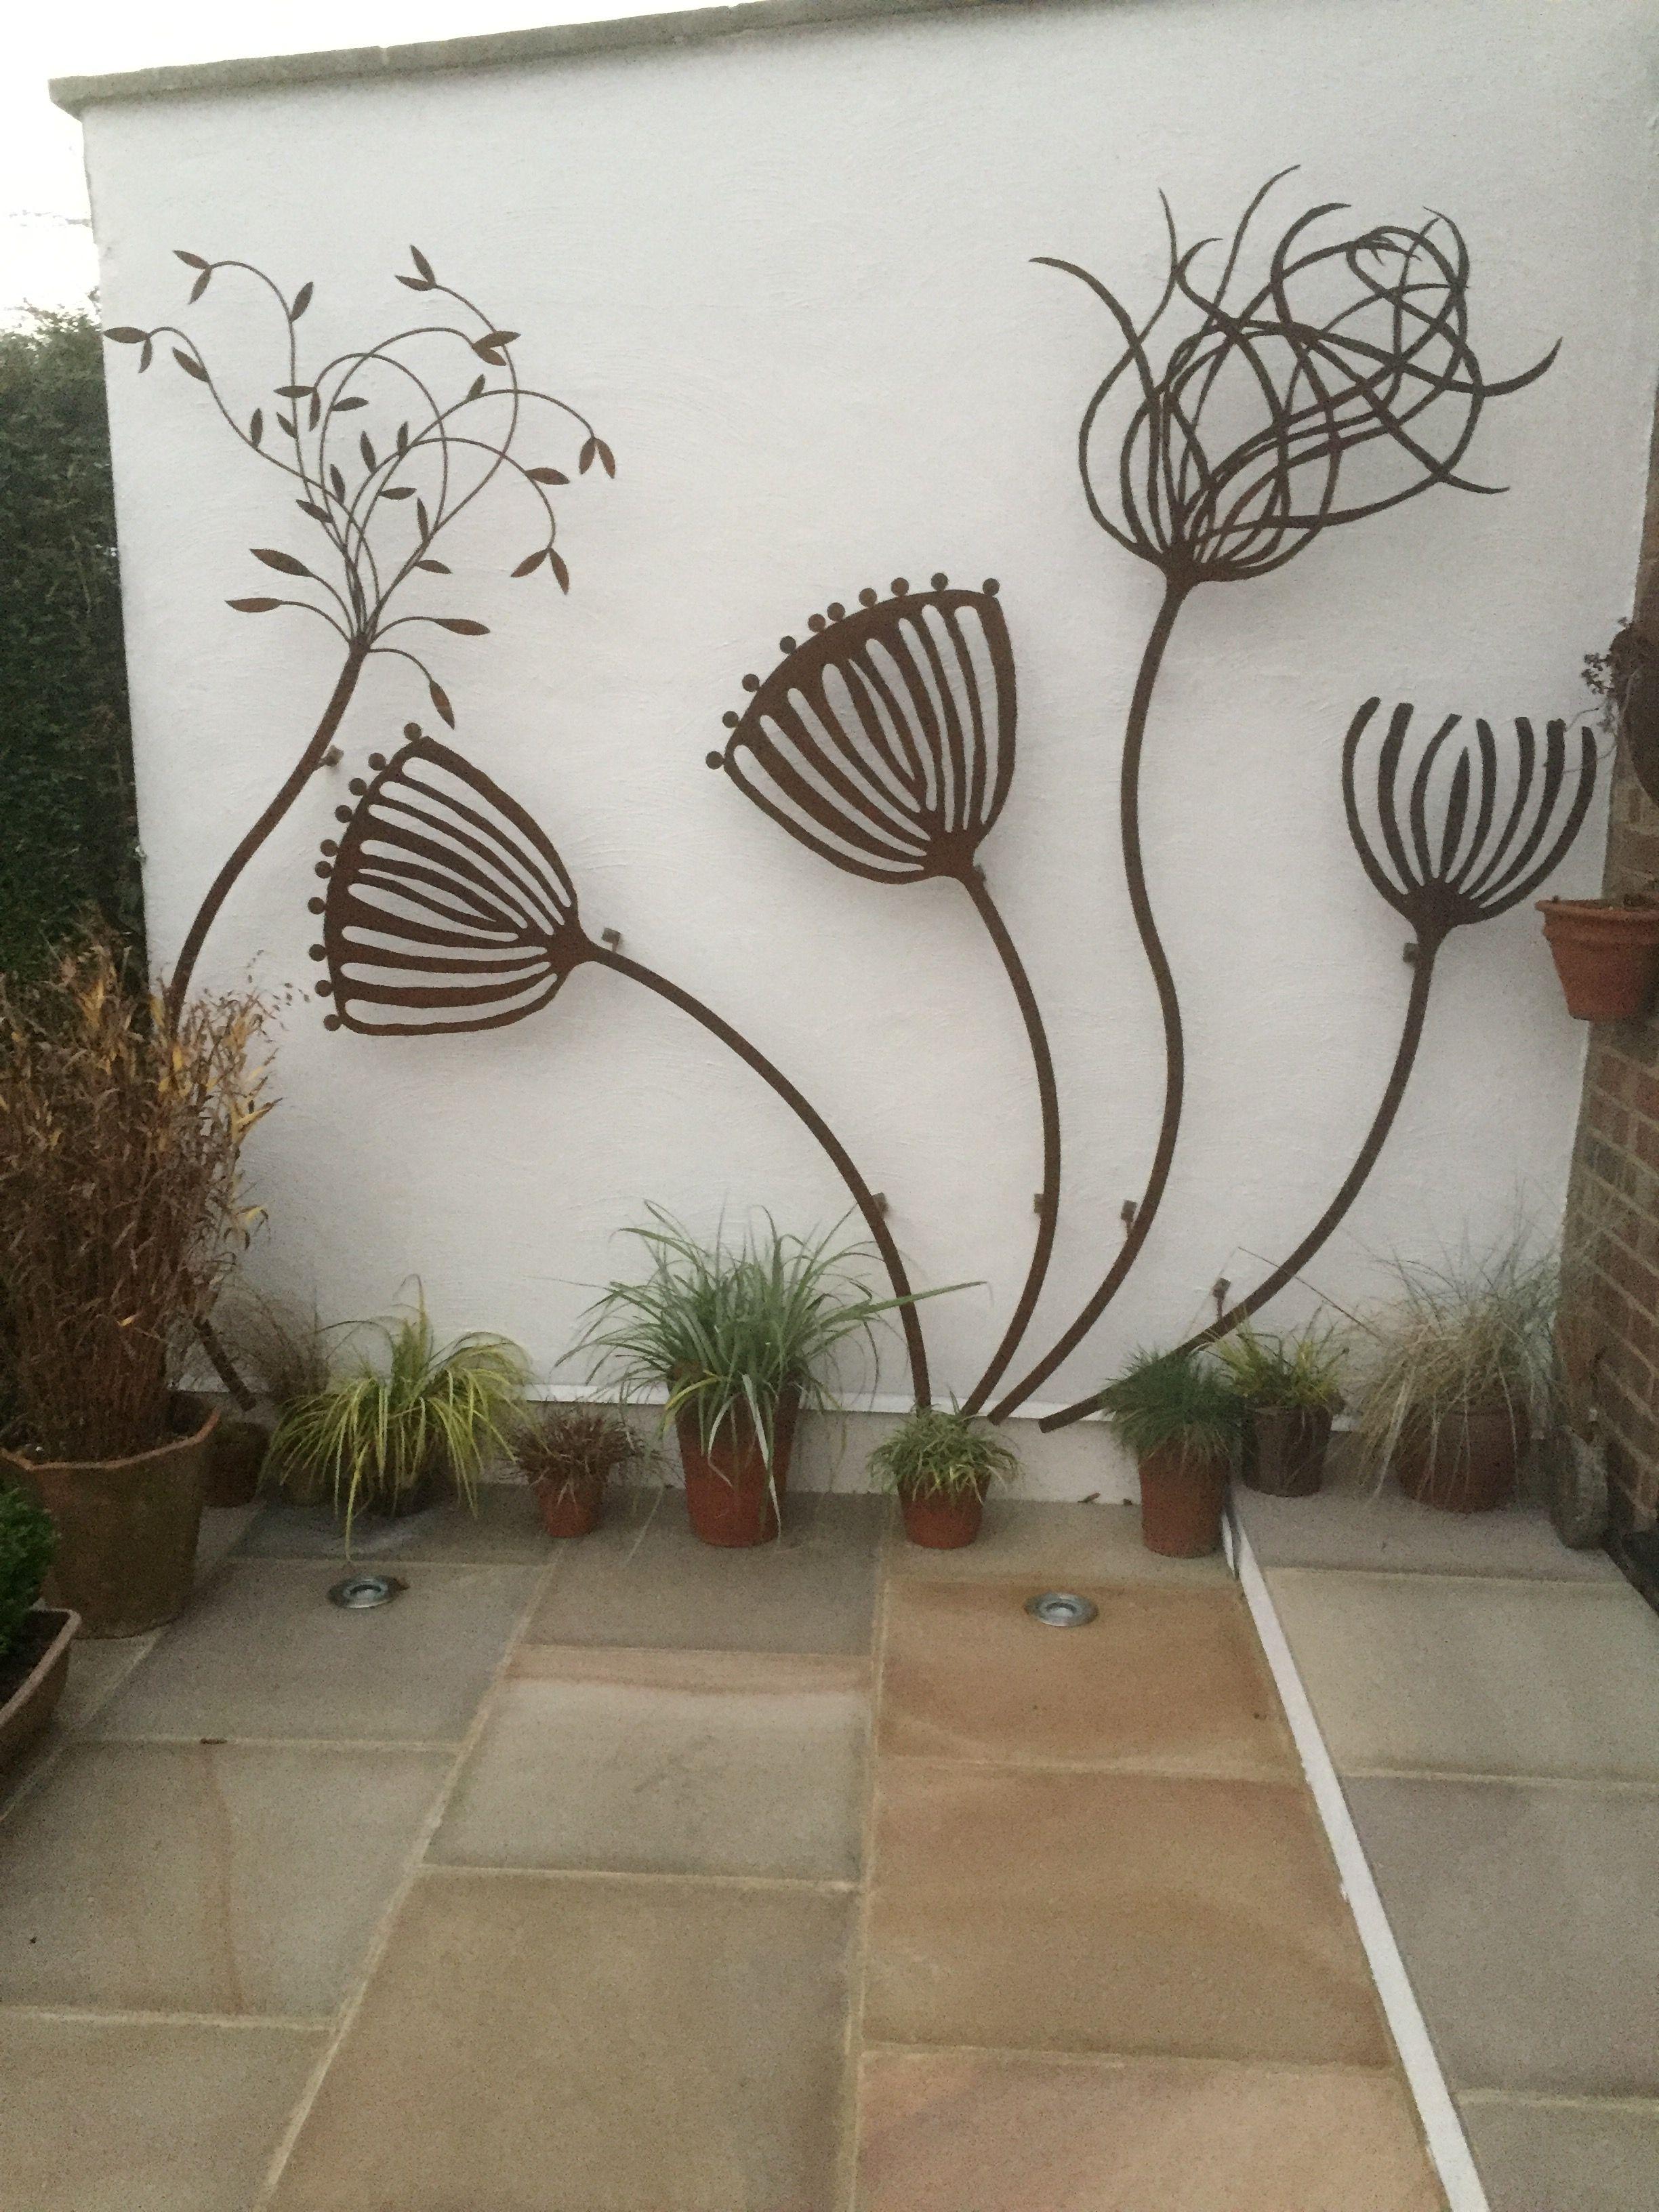 Angie Lewis Inspired Sculpture By Alan Ross Art In Steel Garden Art Sculptures Metal Sculptures Garden Garden Art